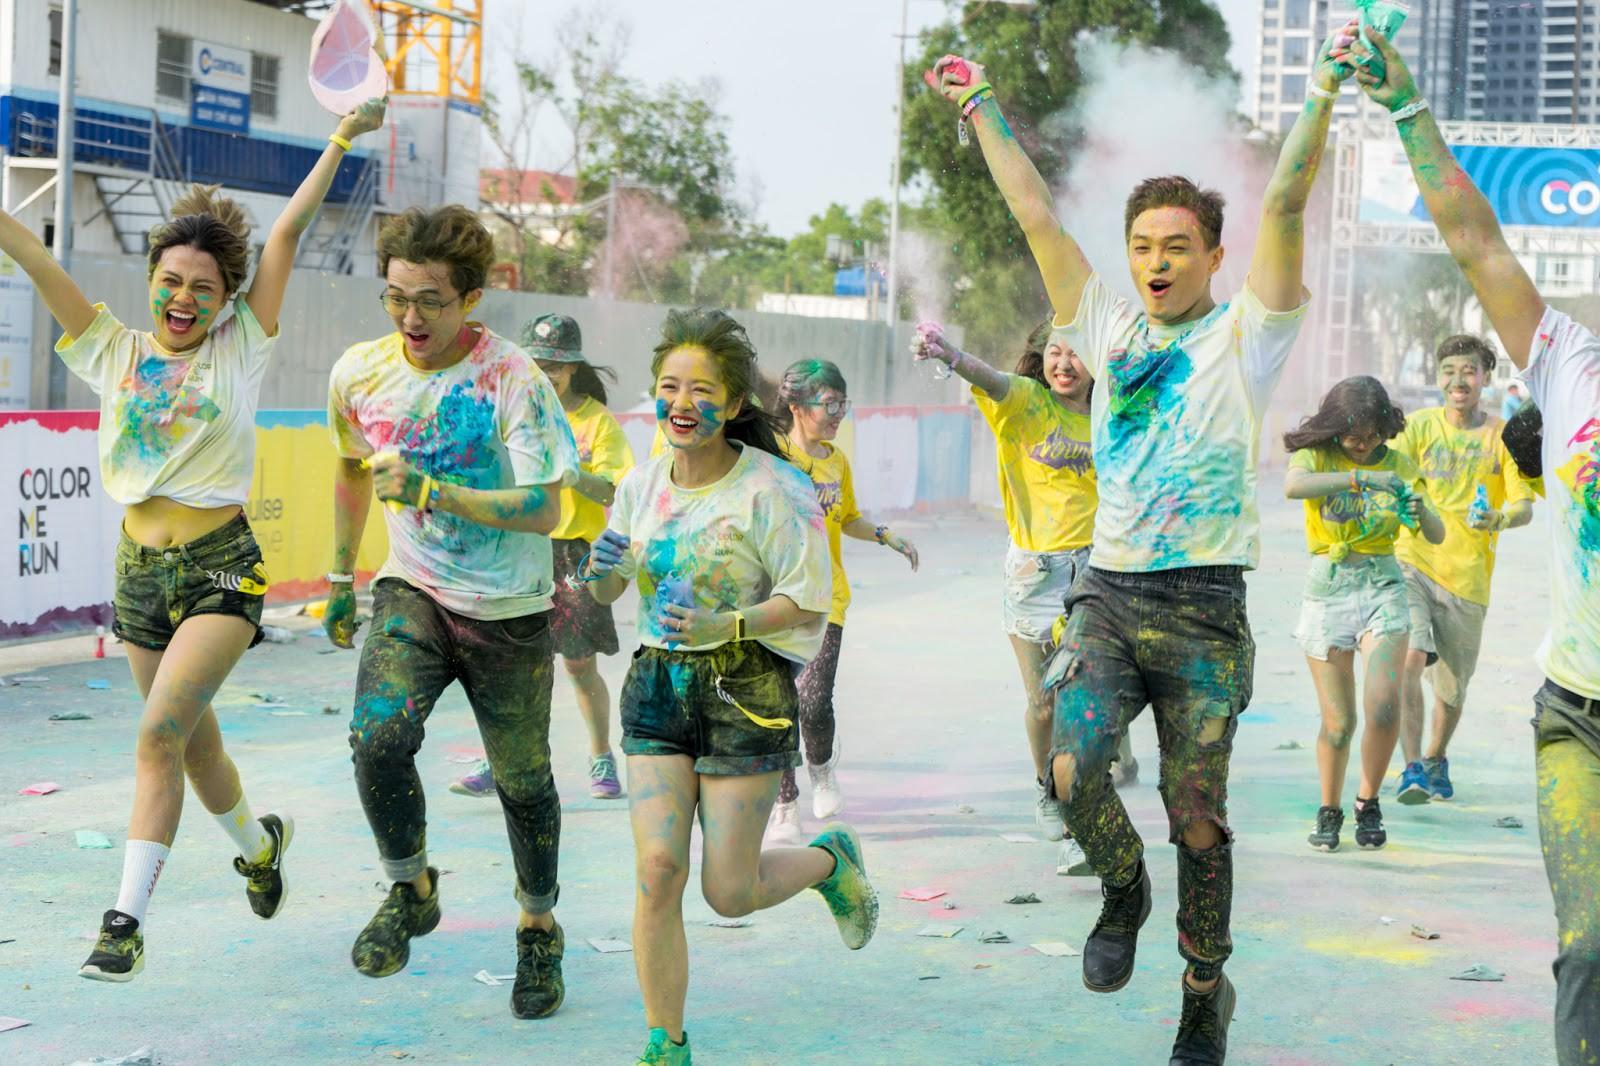 Phải đi Color Me Run một lần để biết ngày thường chúng ta lười vận động như thế nào - Ảnh 1.